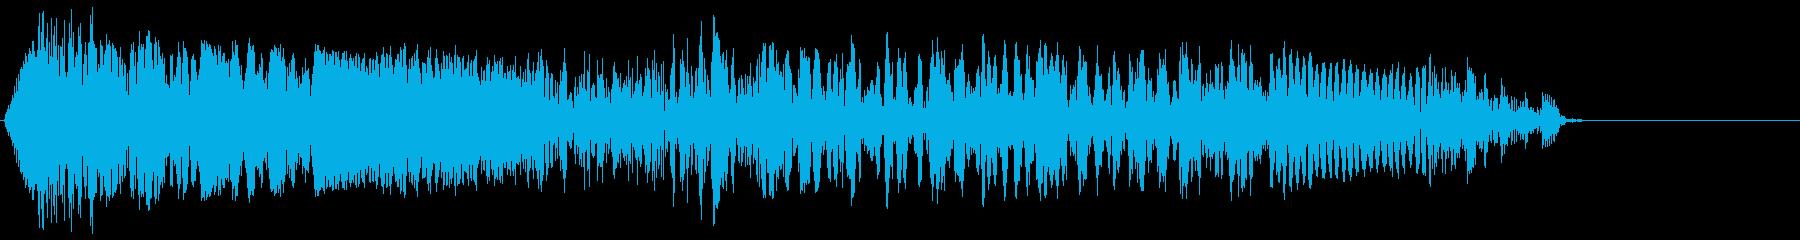 ゲーム掛け声男1叫び5の再生済みの波形